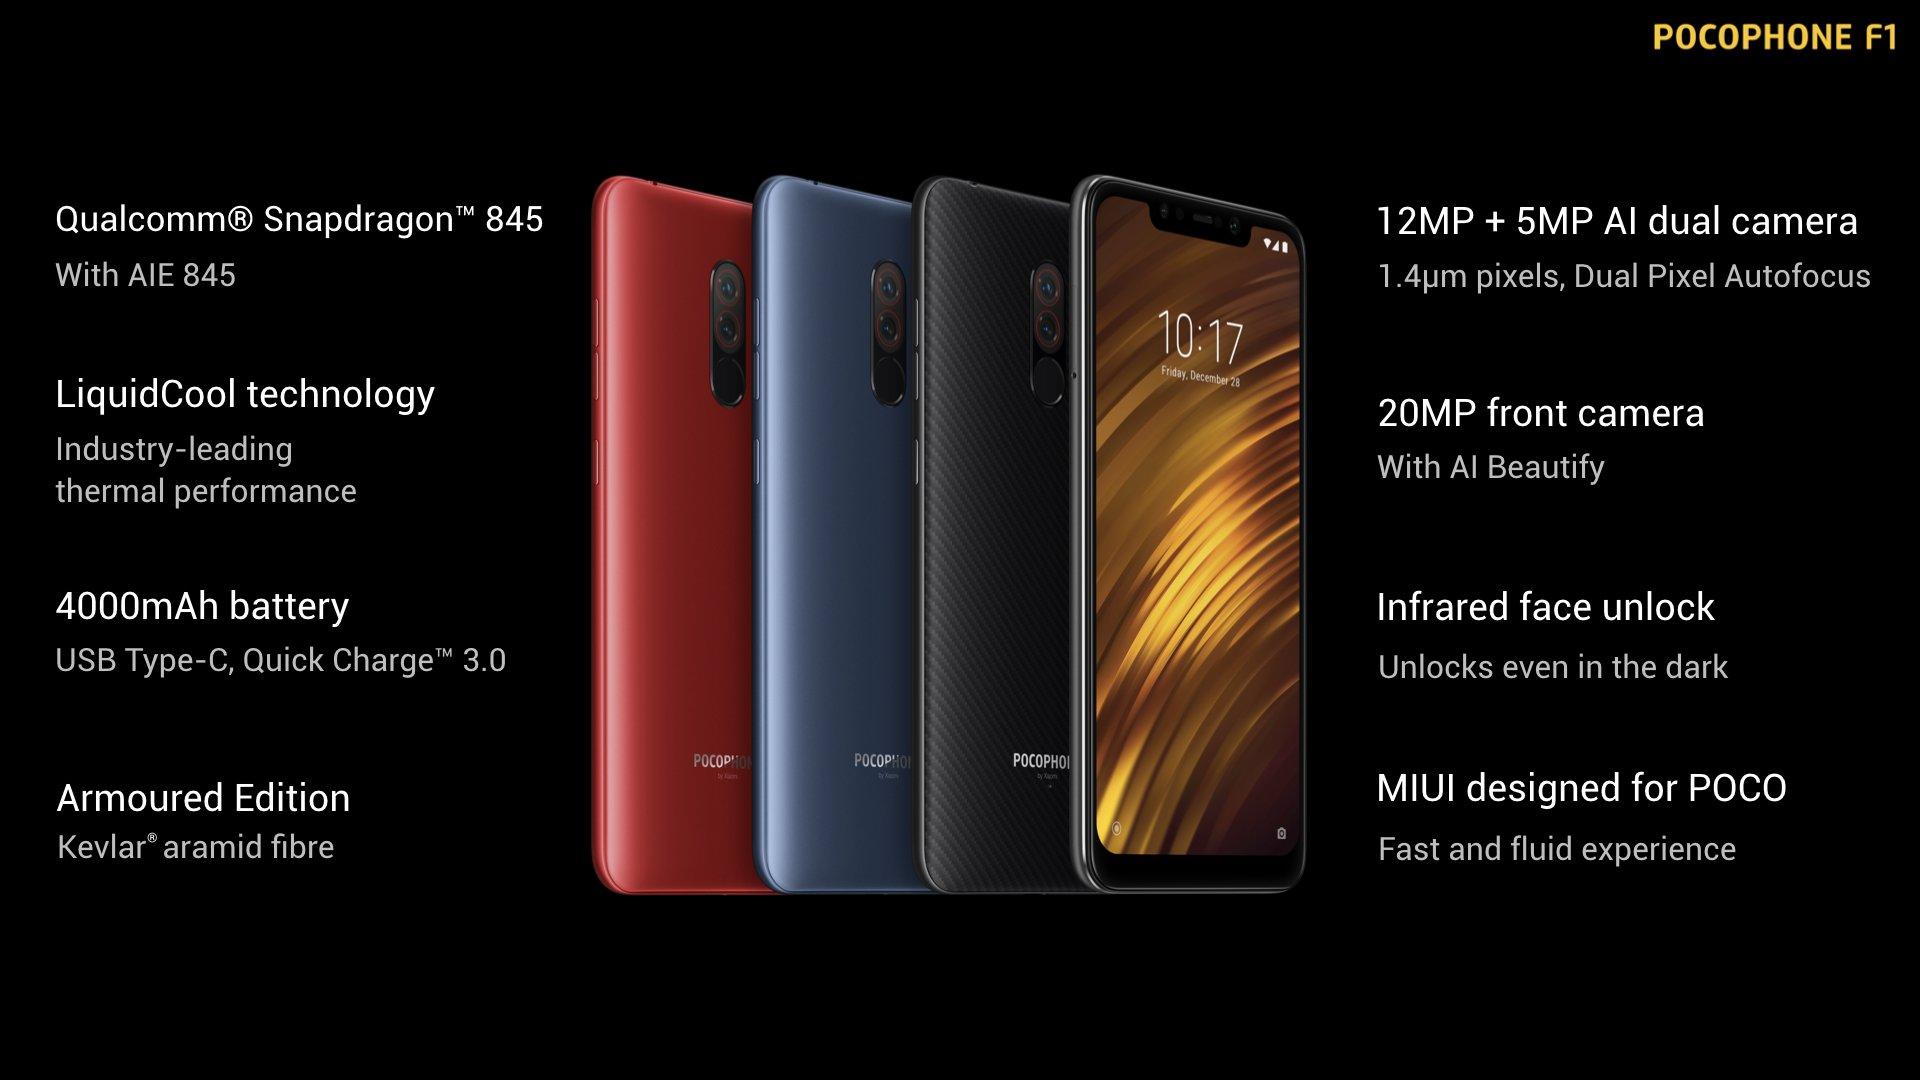 В Украине дешевый флагман Xiaomi Pocophone F1 можно будет купить с 5 сентября по цене от 10999 грн